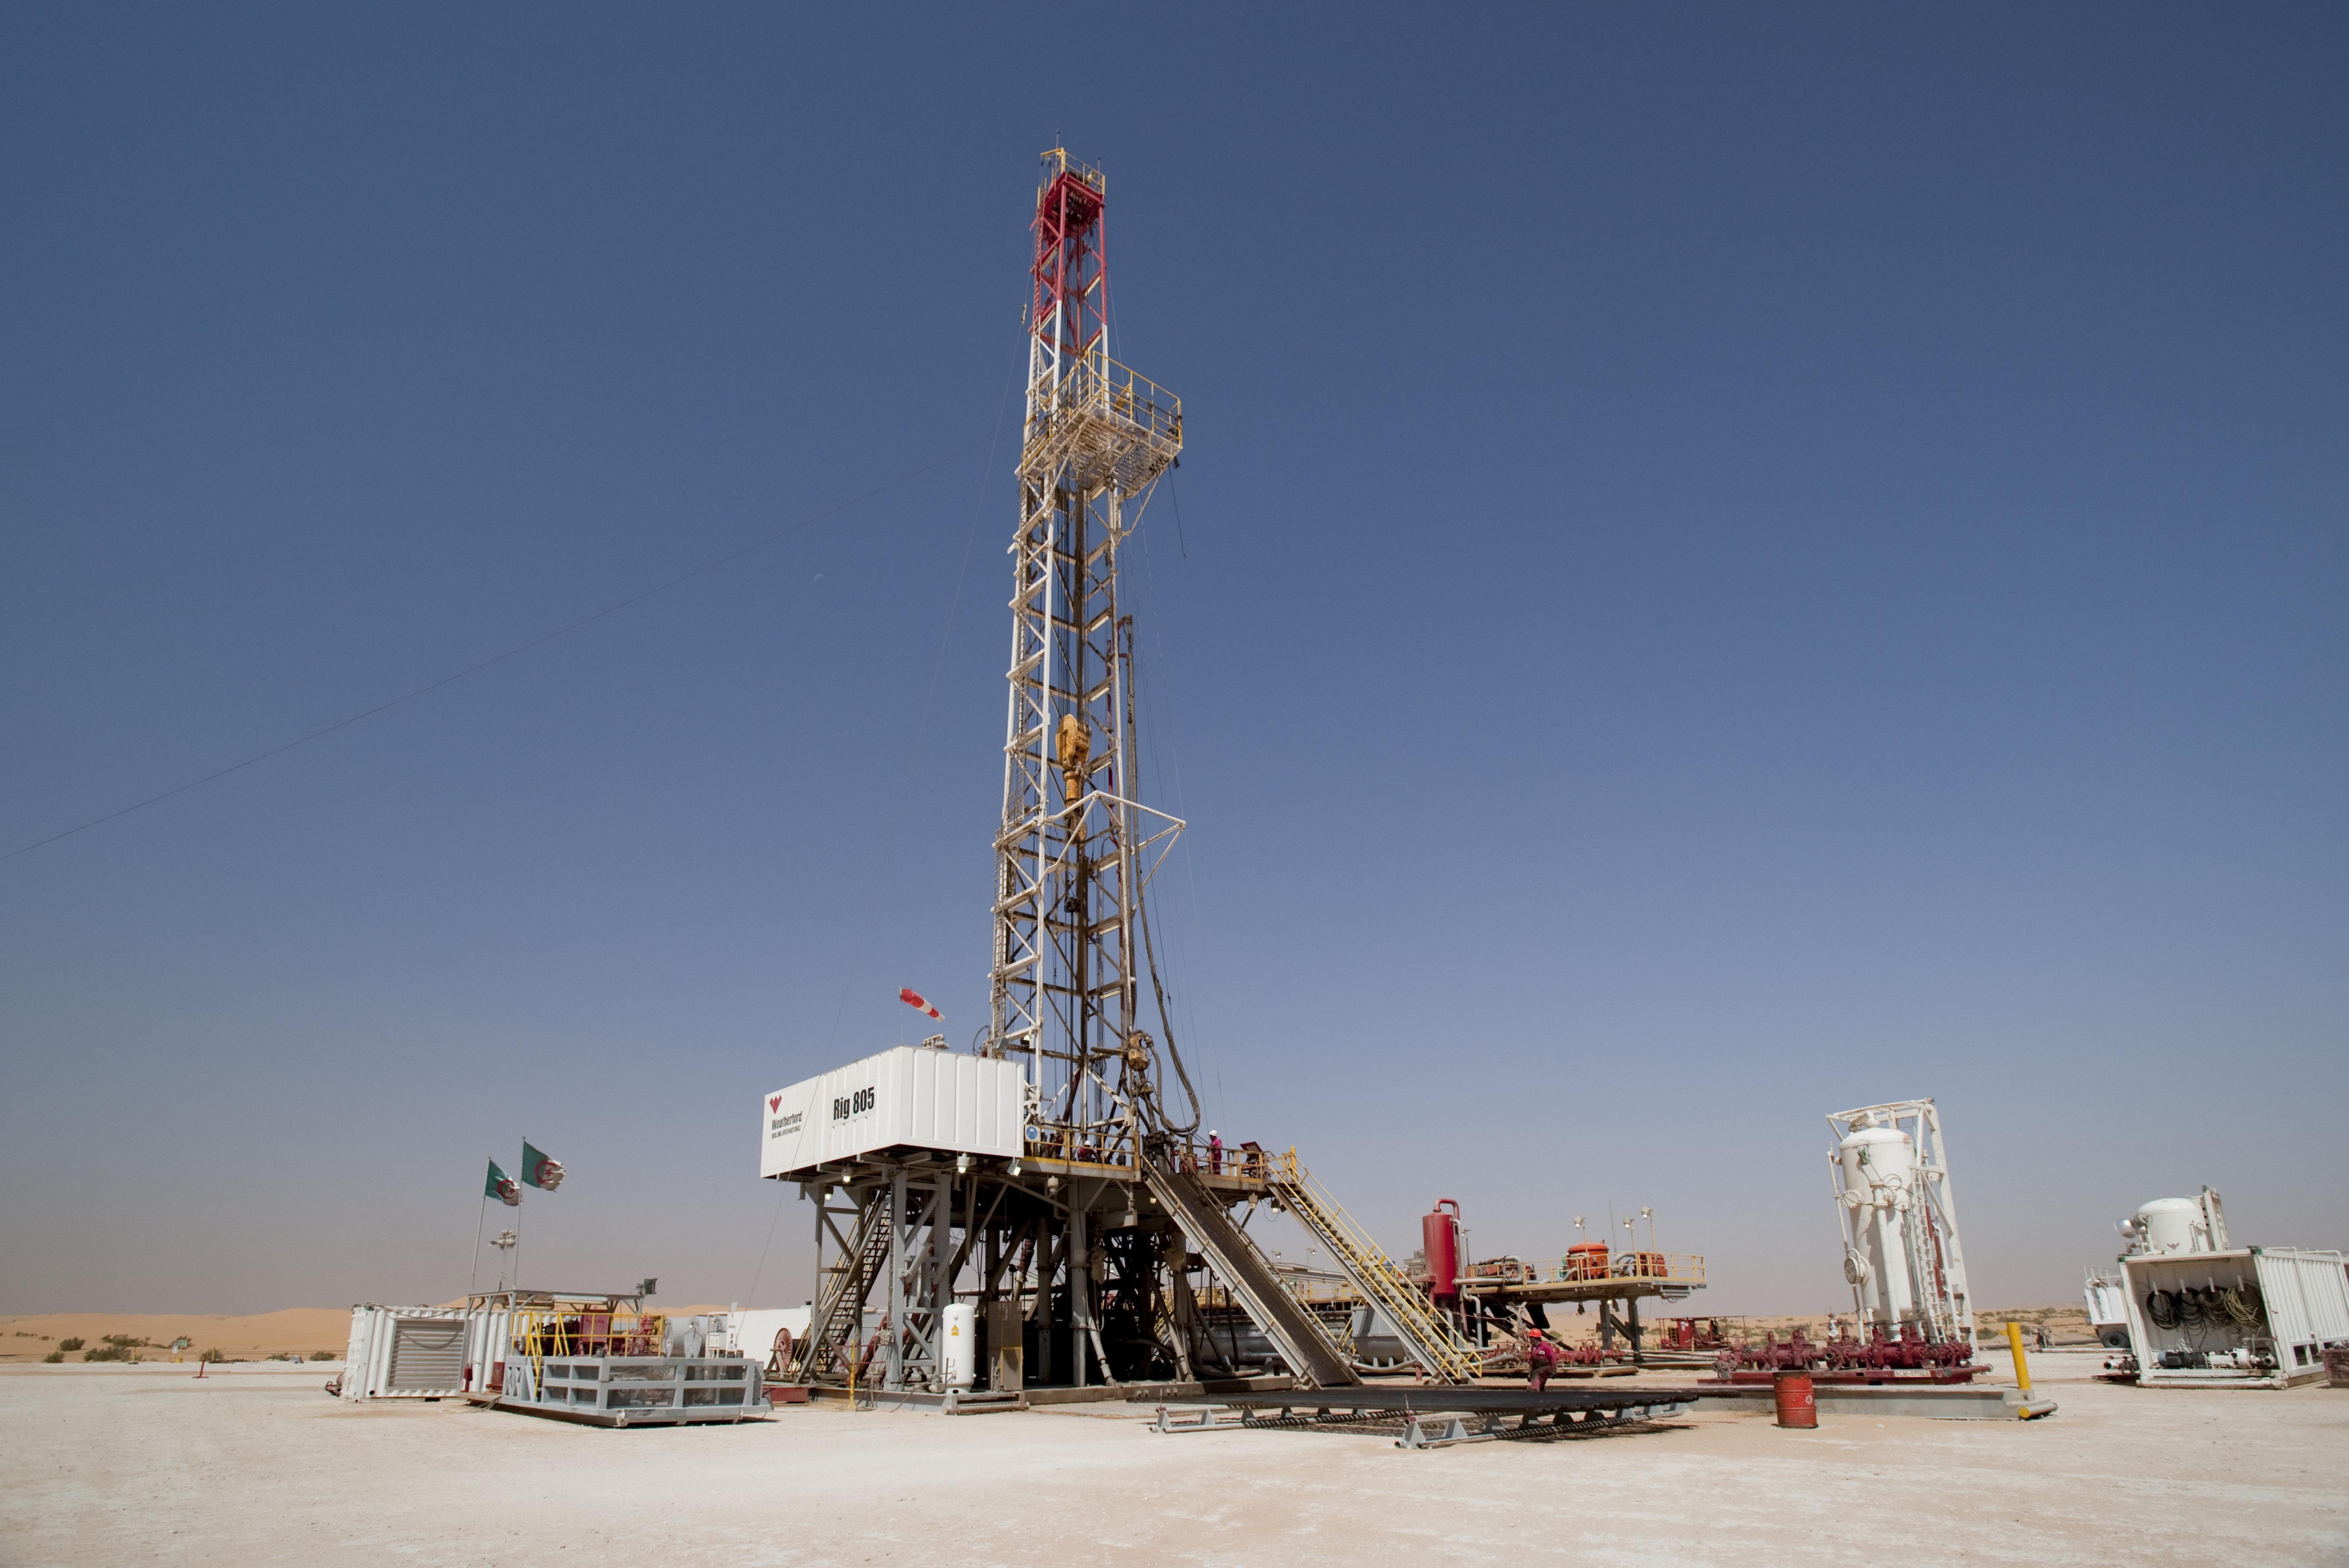 Energie: Les infrastructures pétrolières dotées d'énergies renouvelables à l'horizon